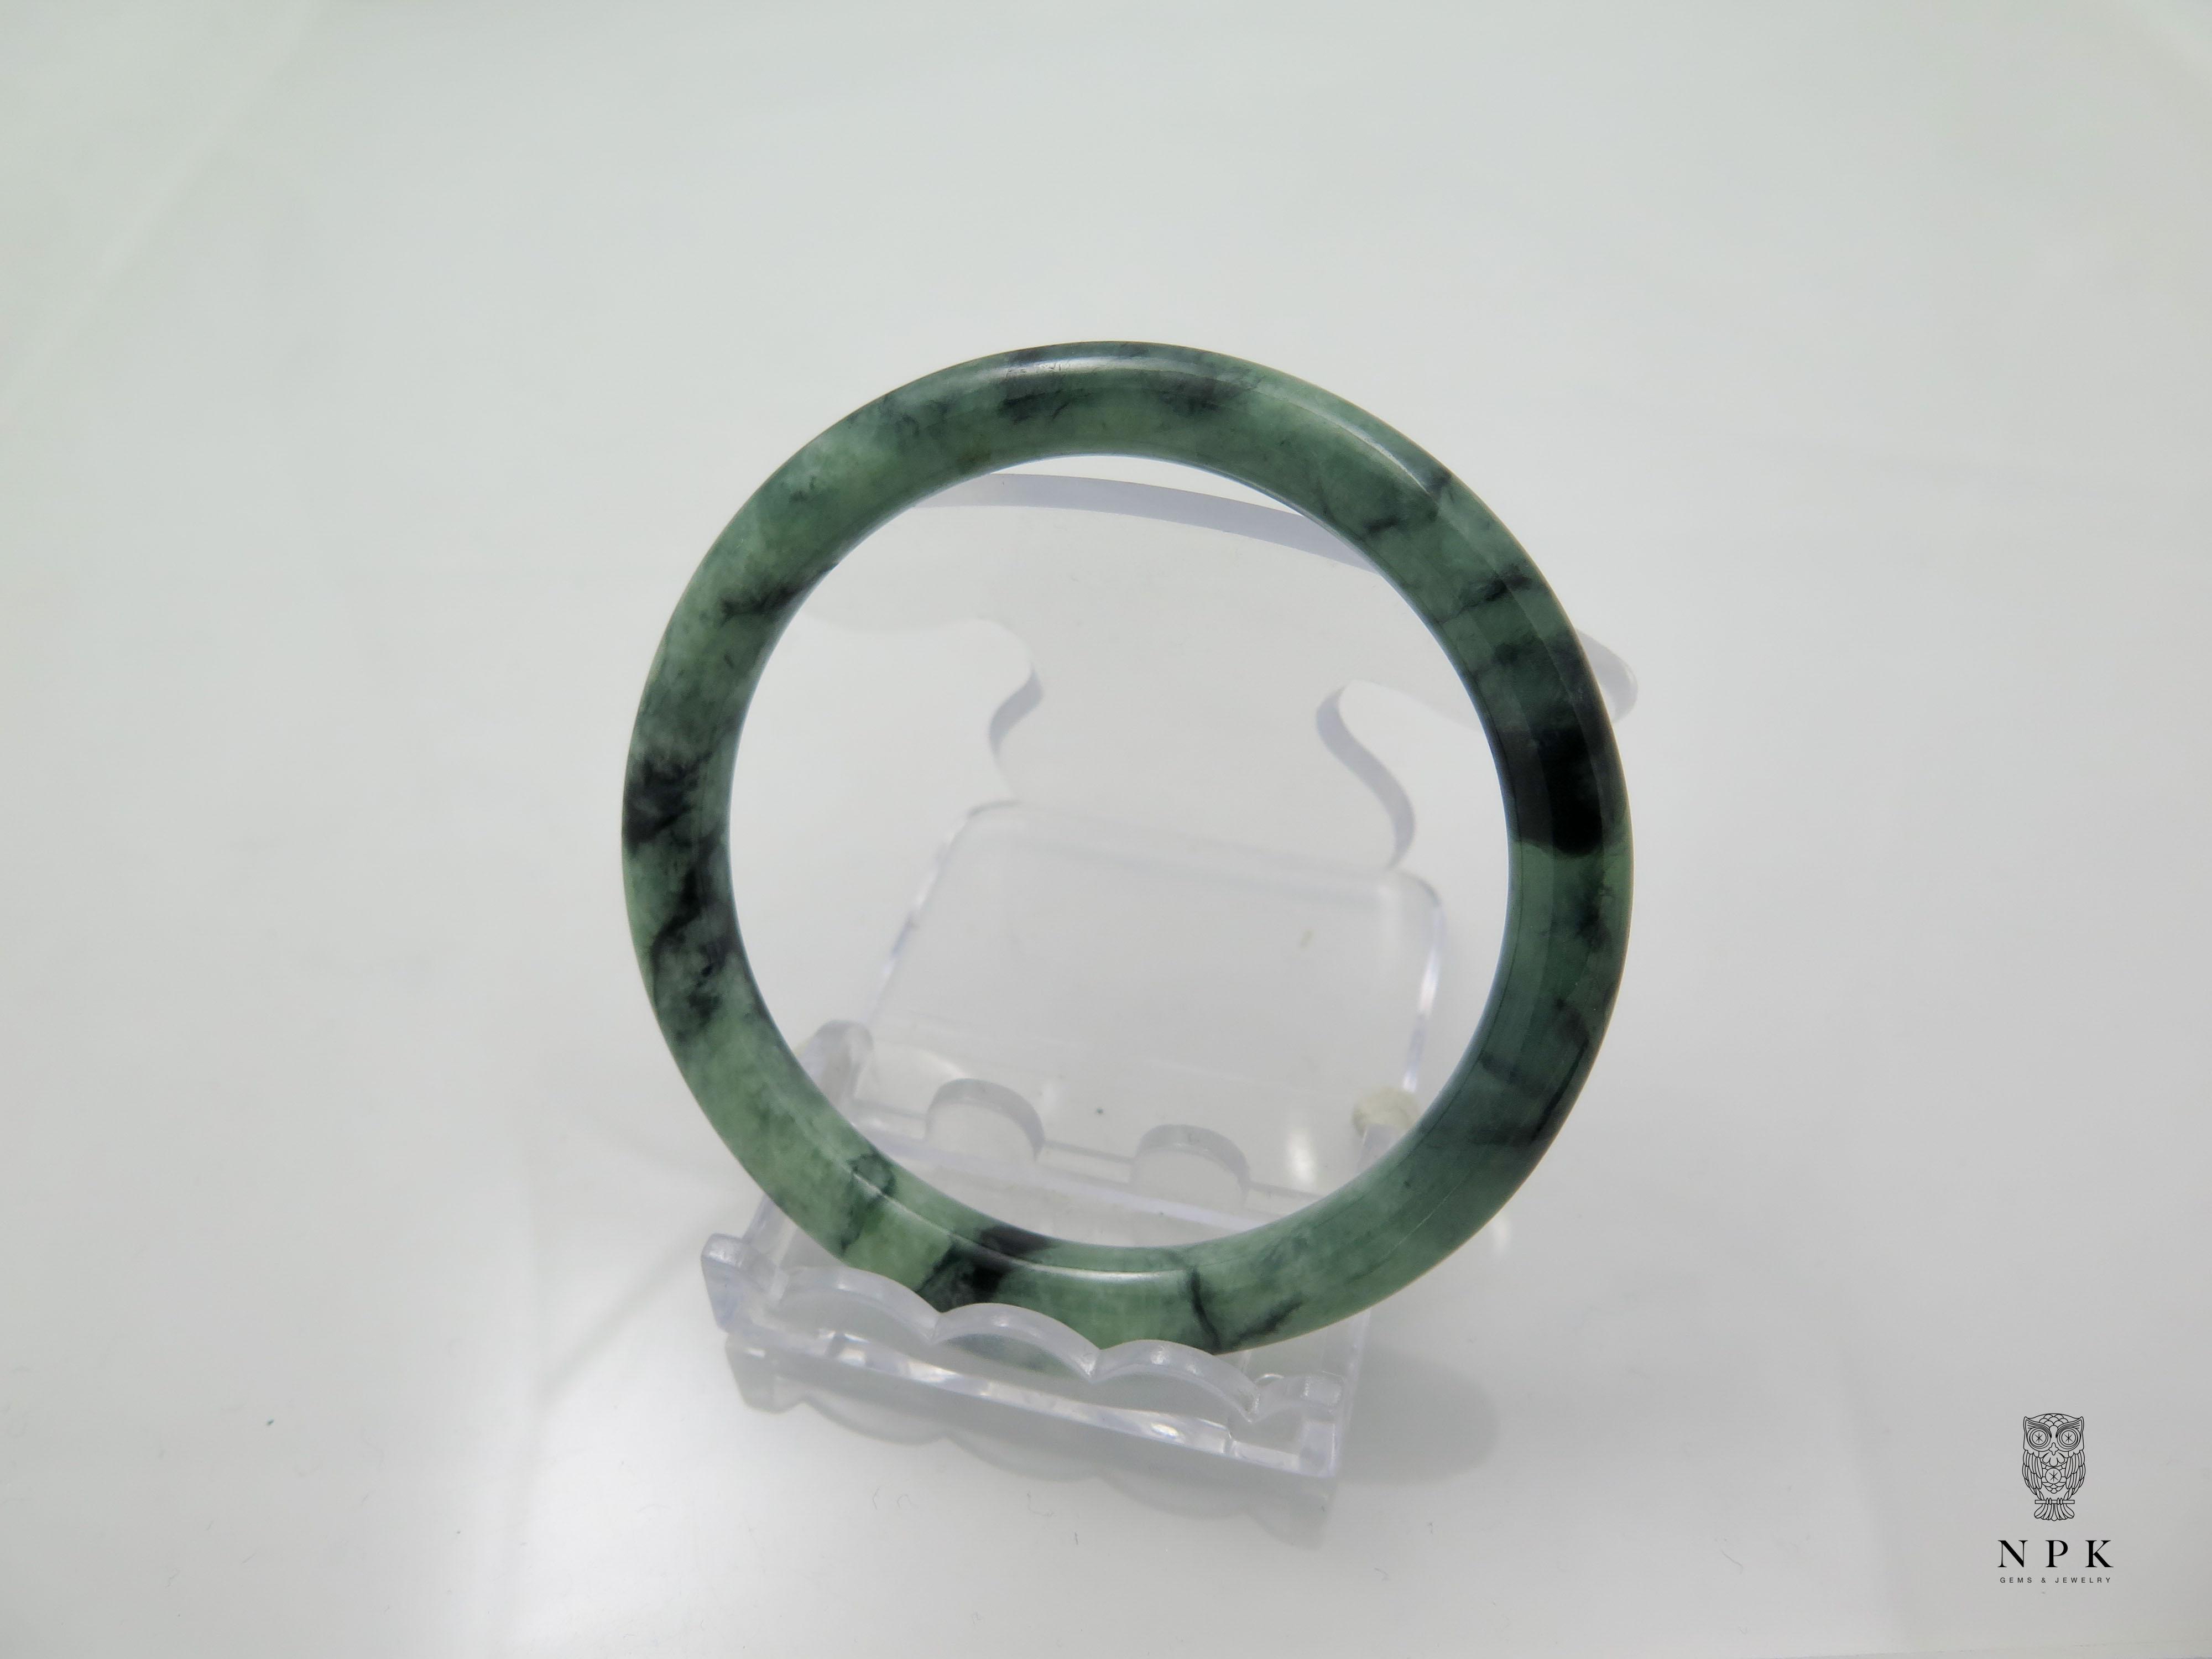 กำไลหยกลายเขียวเนื้อดี(Bangle jade)